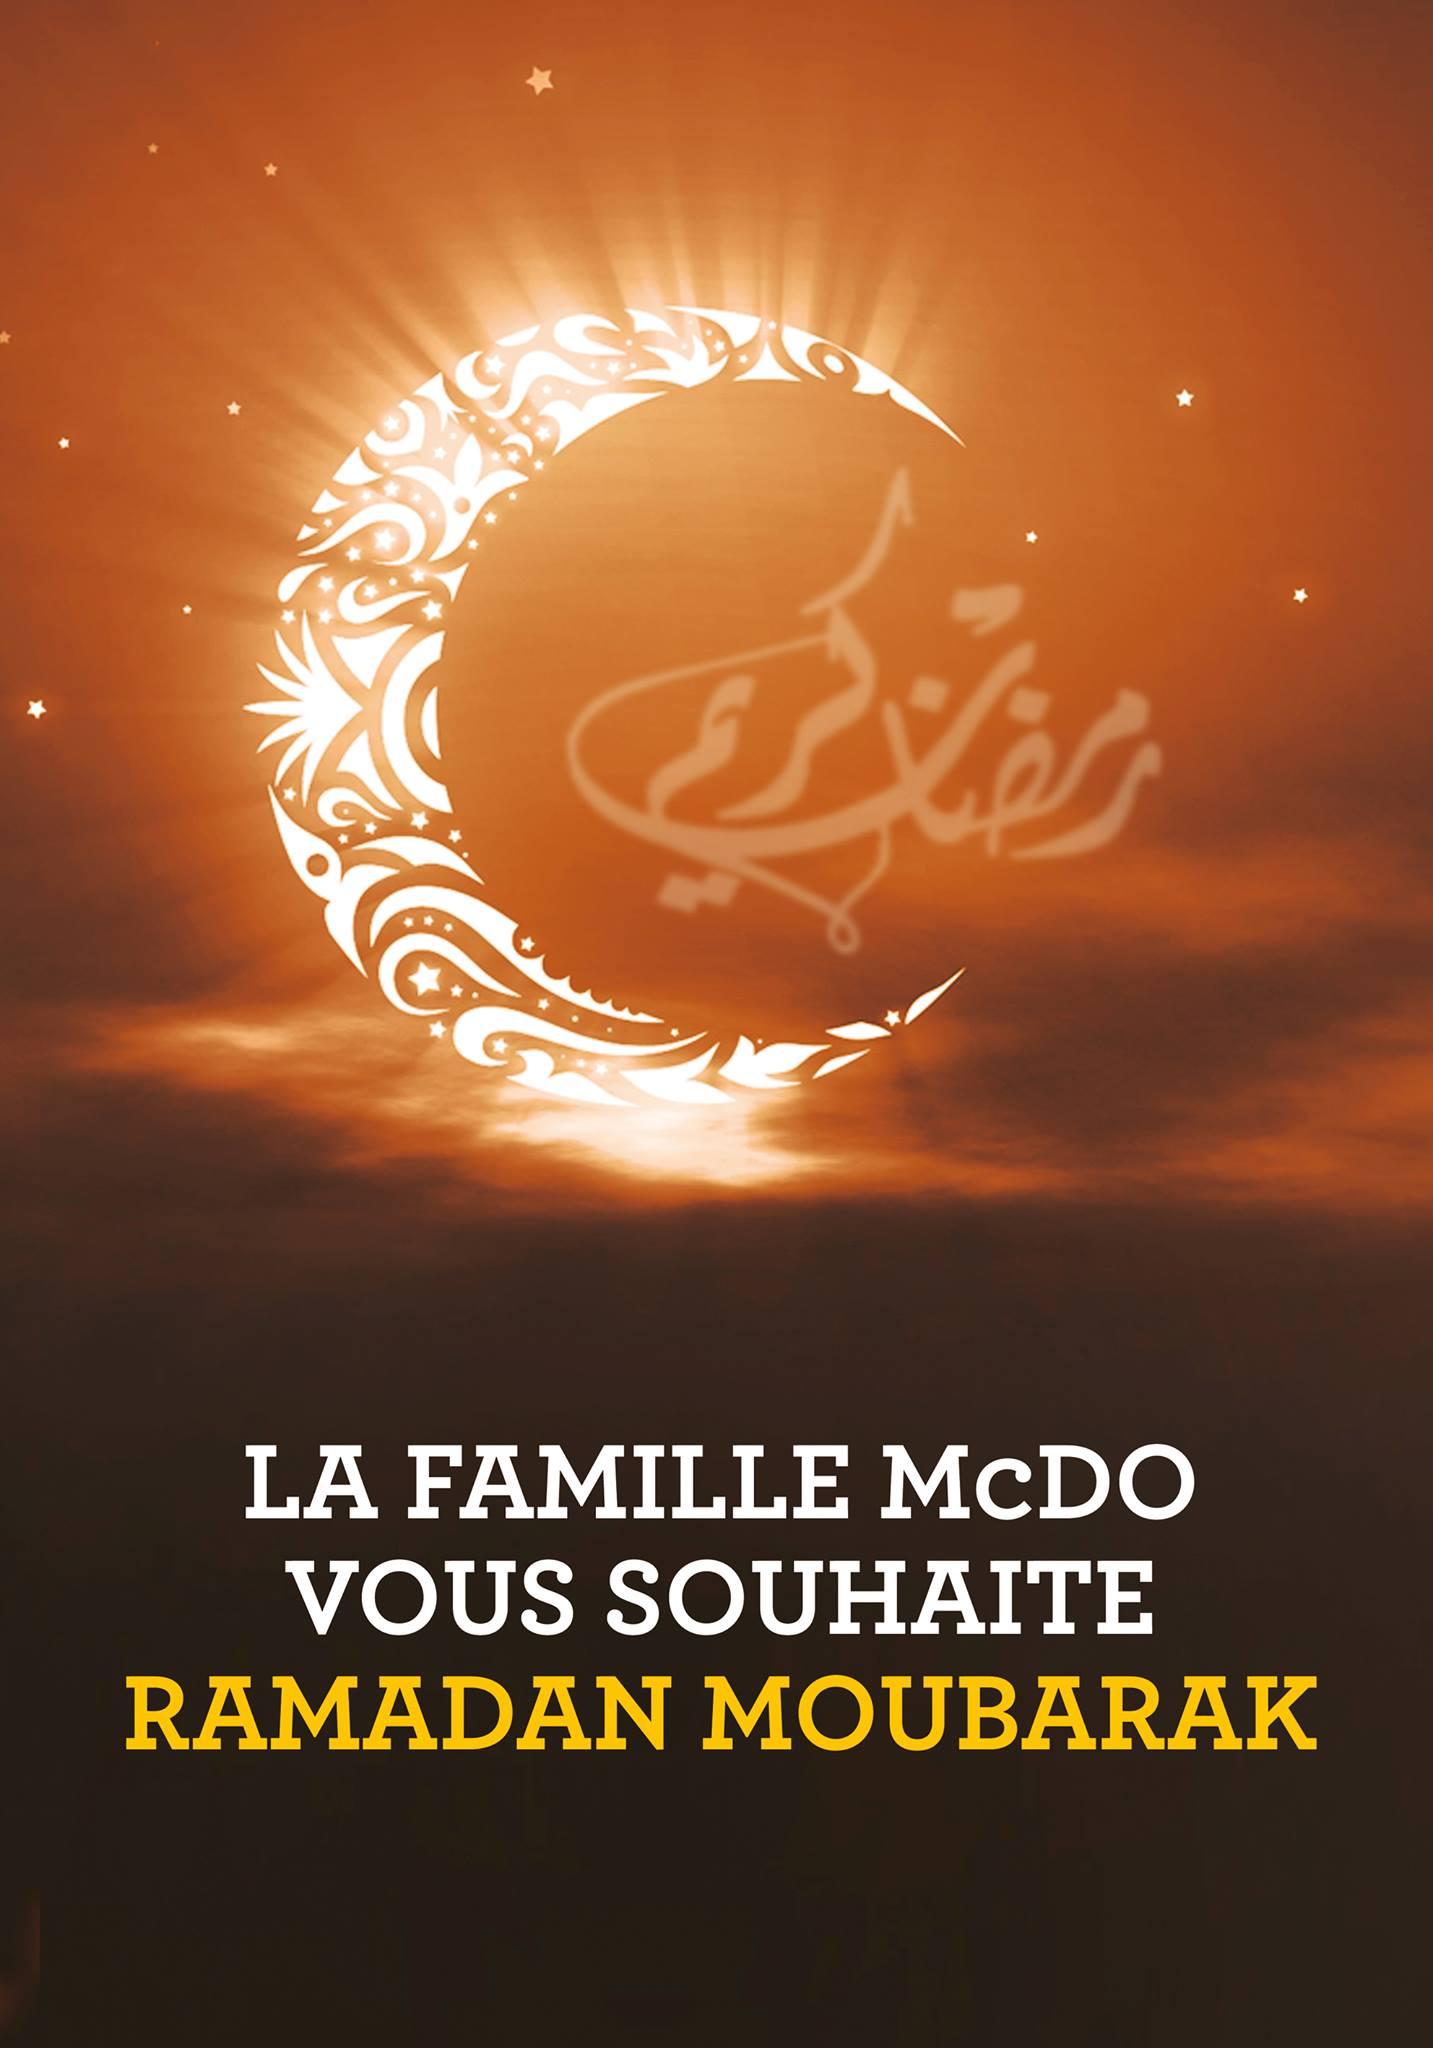 mcdo-maroc-ramadan